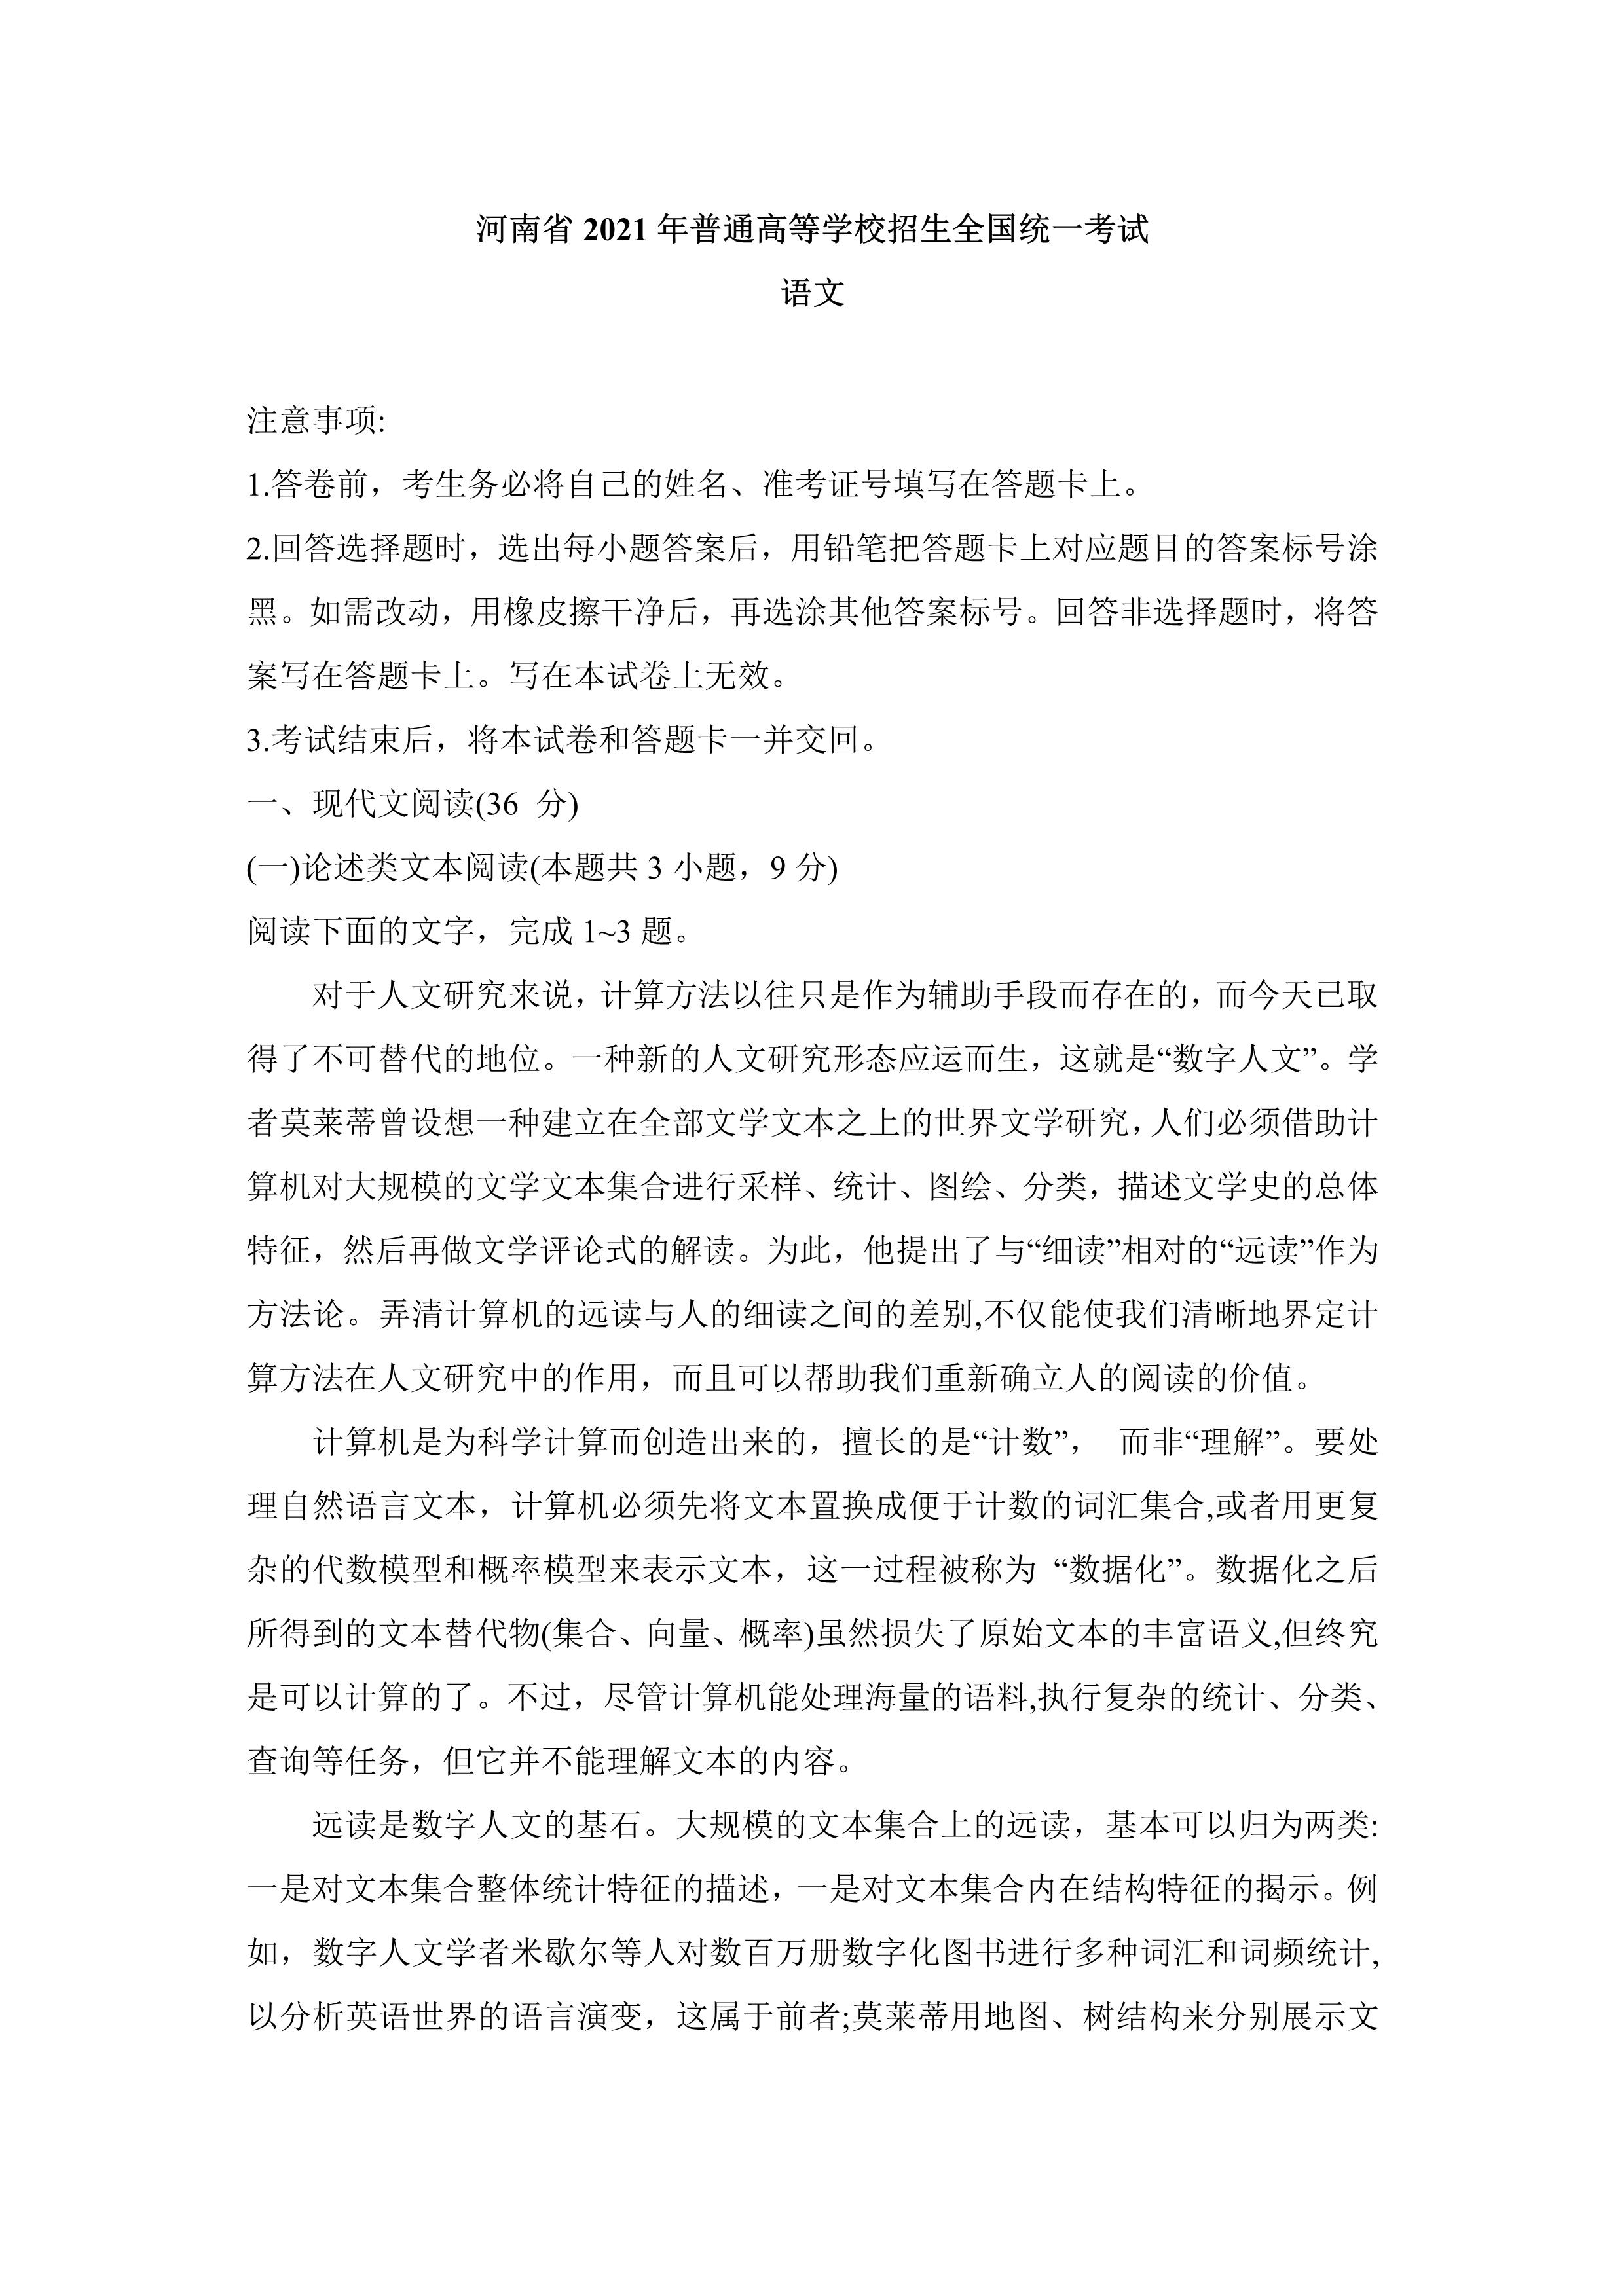 2021年高考真题——语文(新高考全国Ⅰ卷) Word版含解析